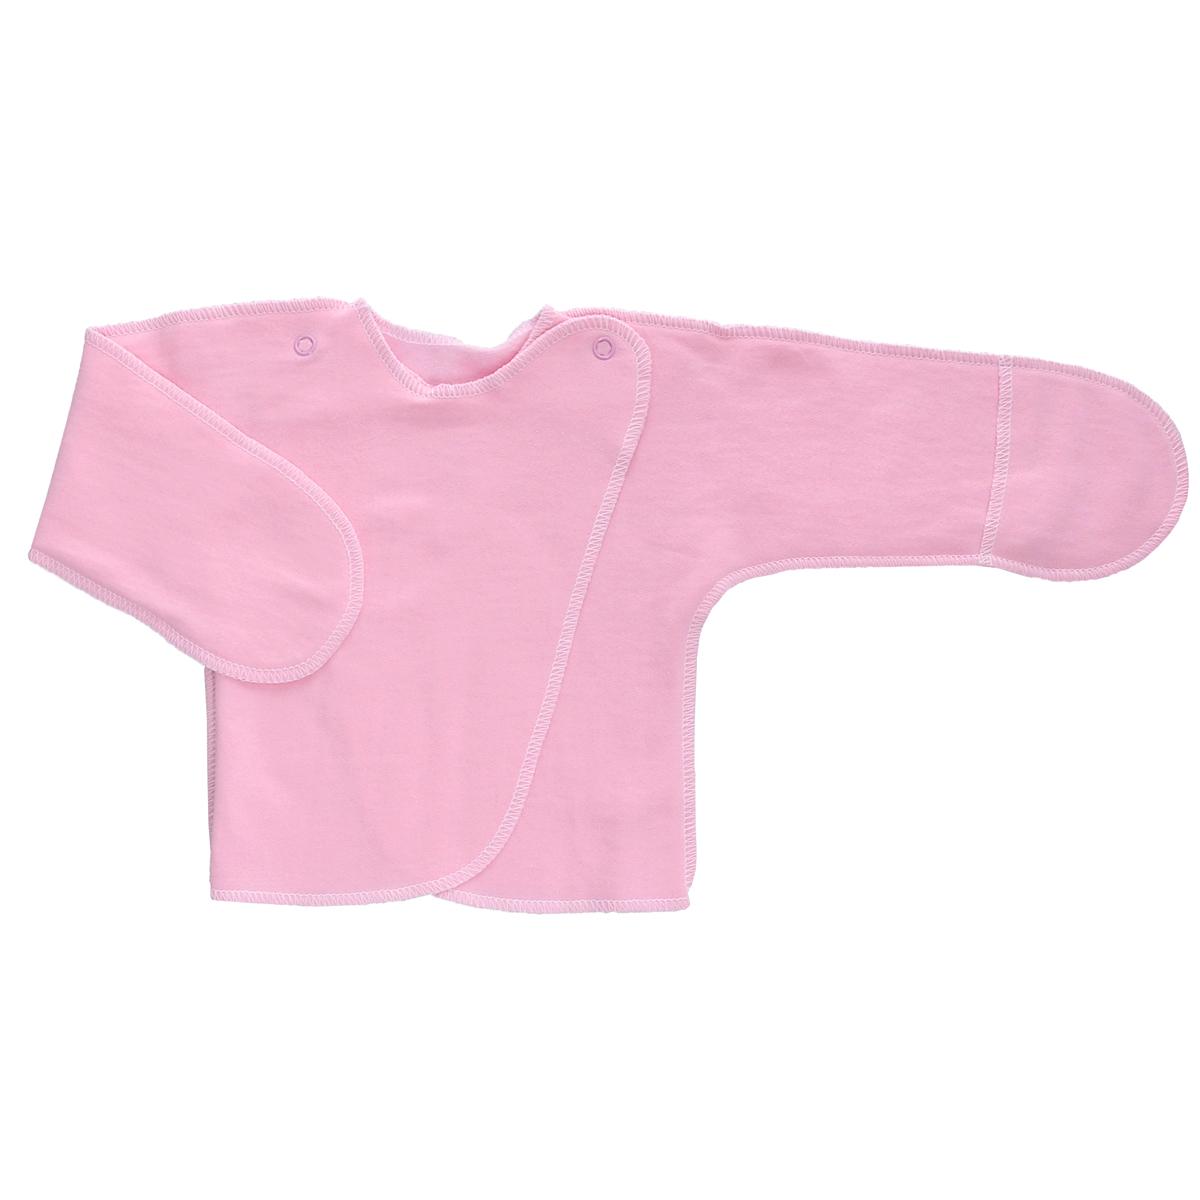 Распашонка Трон-Плюс, цвет: розовый. 5023. Размер 56, 1 месяц5023Распашонка с закрытыми ручками Трон-плюс послужит идеальным дополнением к гардеробу младенца. Распашонка, выполненная швами наружу, изготовлена из футера - натурального плотного хлопка, благодаря чему она необычайно мягкая, легкая и теплая, не раздражает нежную кожу ребенка и хорошо вентилируется, а эластичные швы приятны телу младенца и не препятствуют его движениям. Распашонка с запахом, застегивается при помощи двух кнопок на плечах, которые позволяют без труда переодеть ребенка. Благодаря рукавичкам ребенок не поцарапает себя.